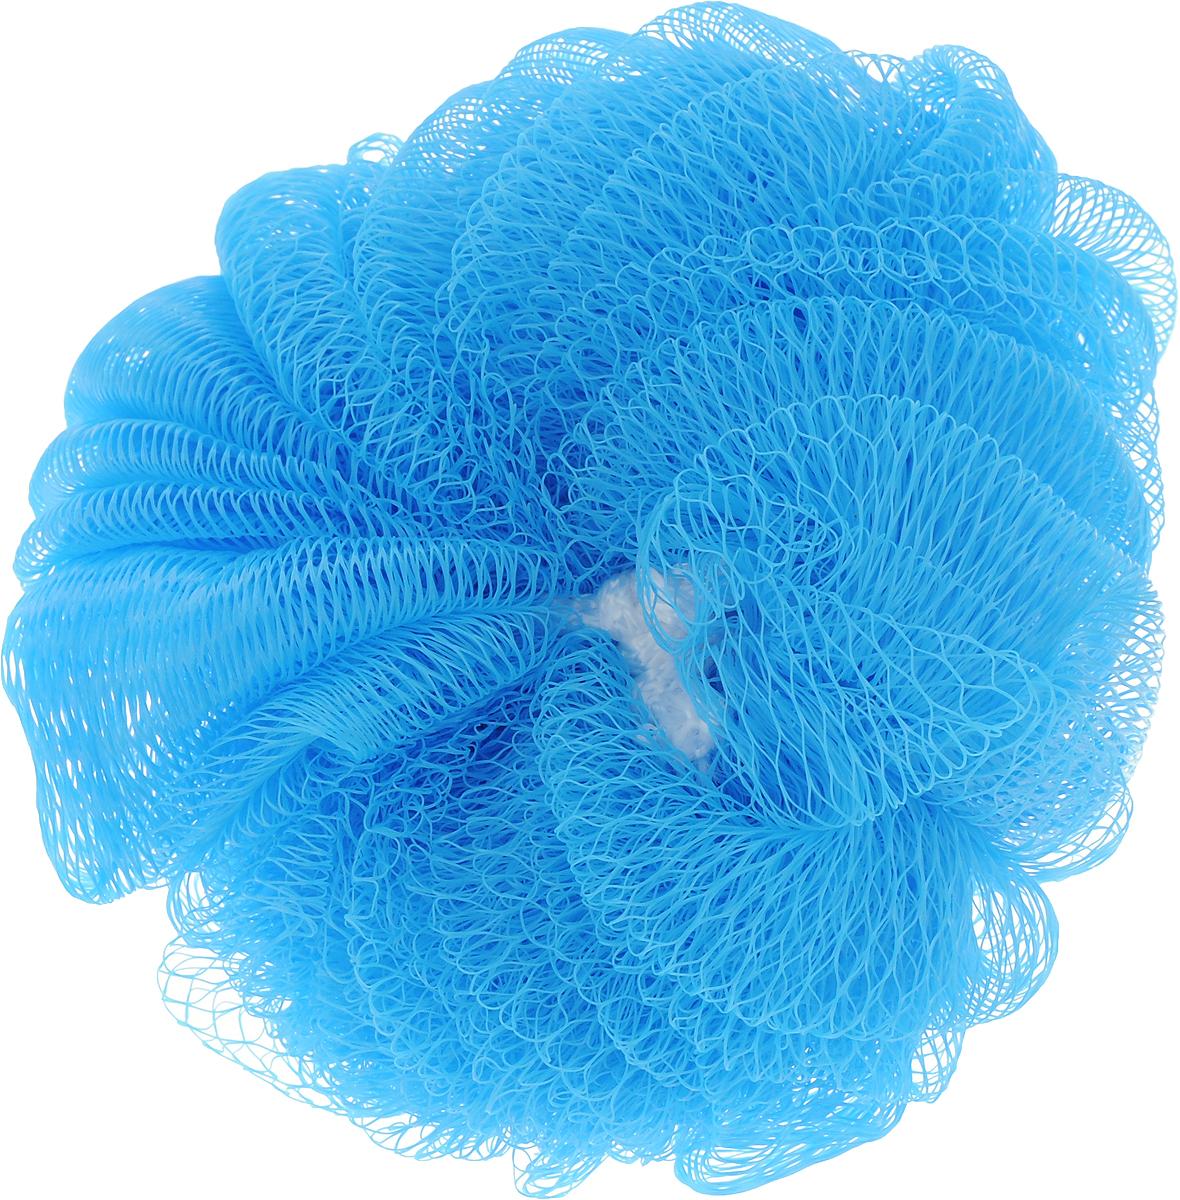 Мочалка Paterra Шар, цвет: голубой, 14 см408-061_голубойМочалка Paterra Шар, выполненная из нейлона, предназначена для мягкого очищения кожи. Она станет незаменимым аксессуаром ванной комнаты. Мочалка отлично пенится, обладает легким массажным воздействием, идеально подходит для чувствительной кожи. На мочалке имеется удобная петля для подвешивания.